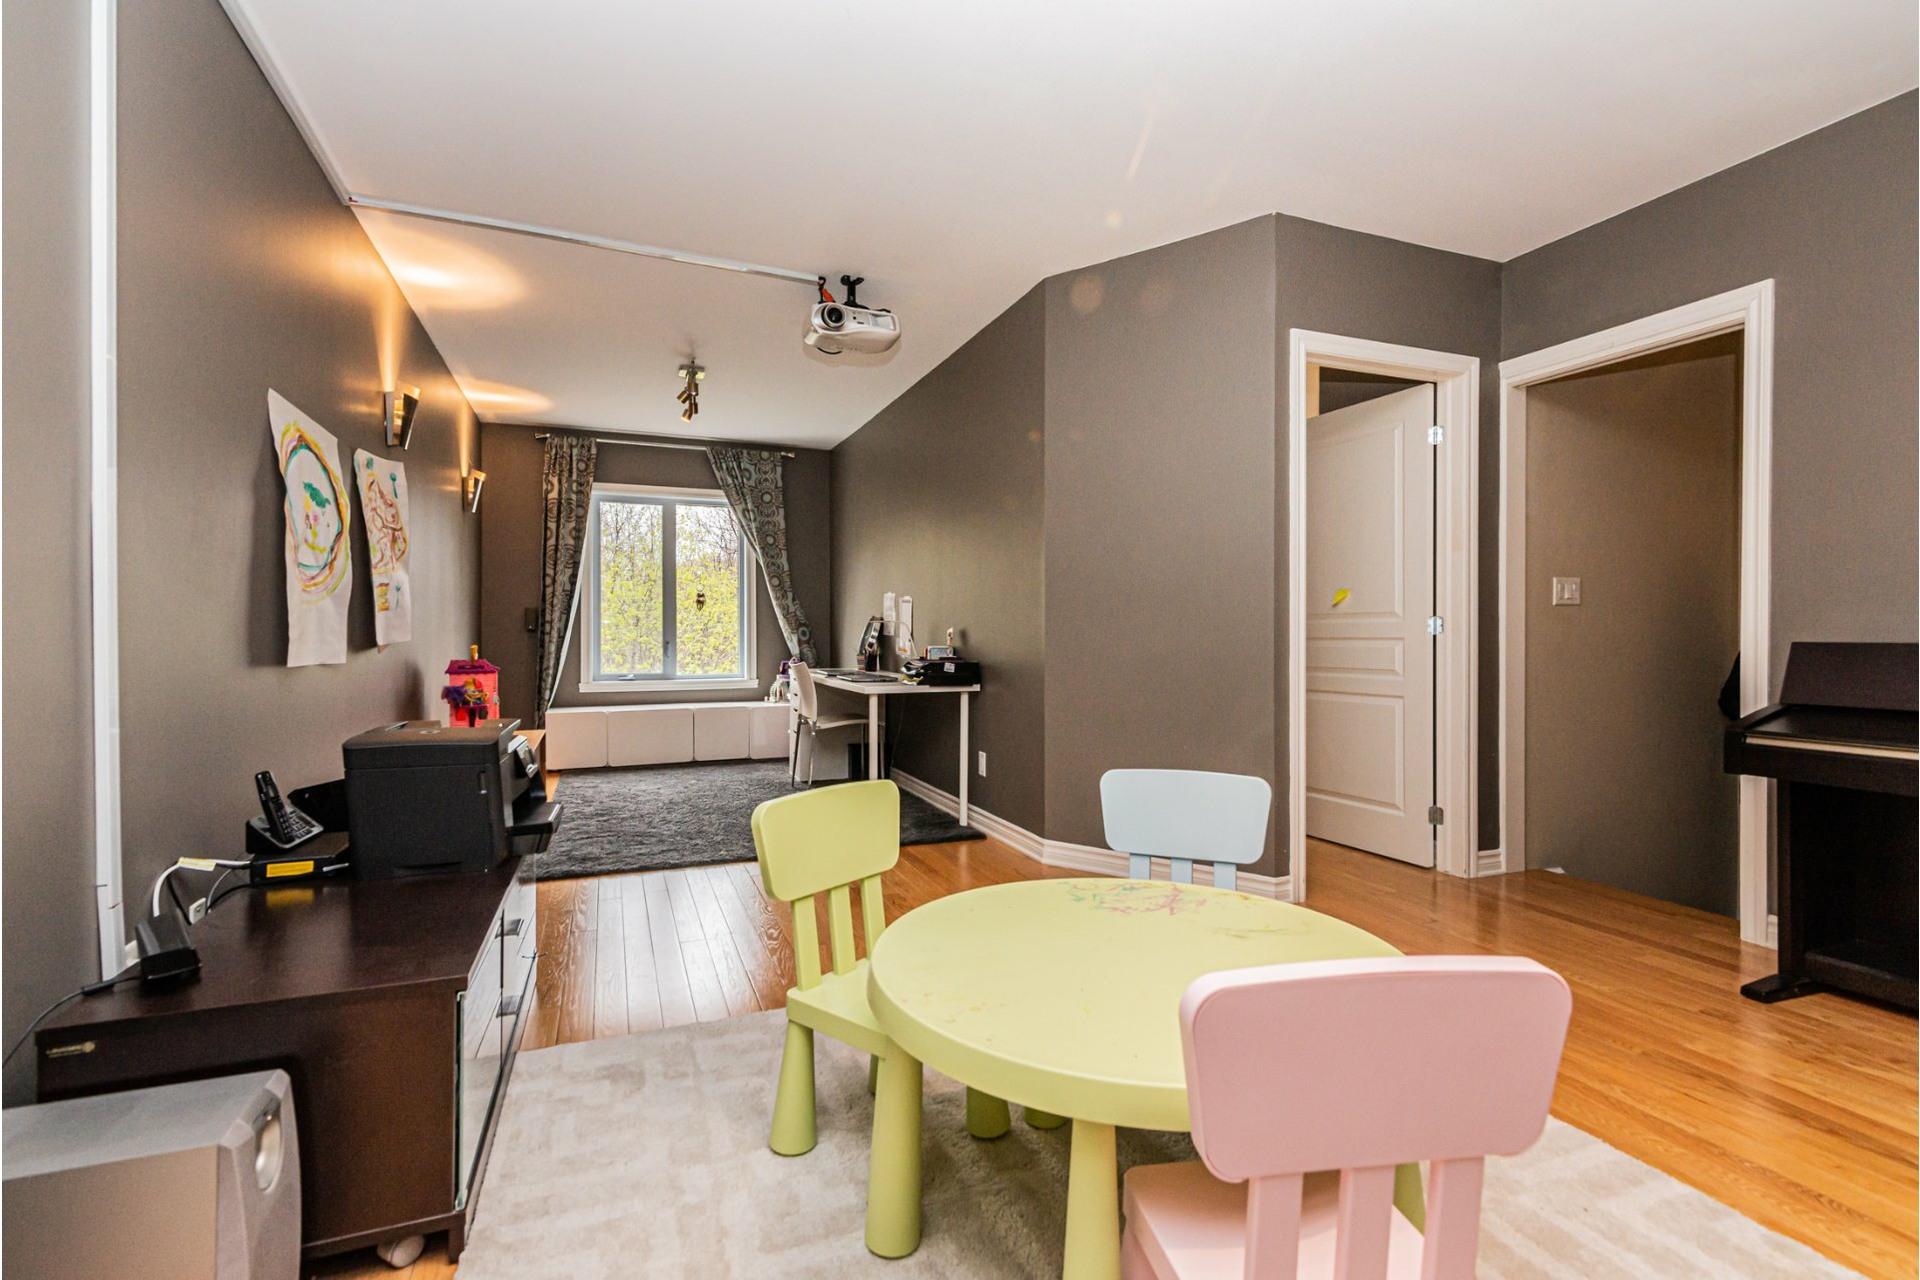 image 25 - House For sale Côte-des-Neiges/Notre-Dame-de-Grâce Montréal  - 11 rooms